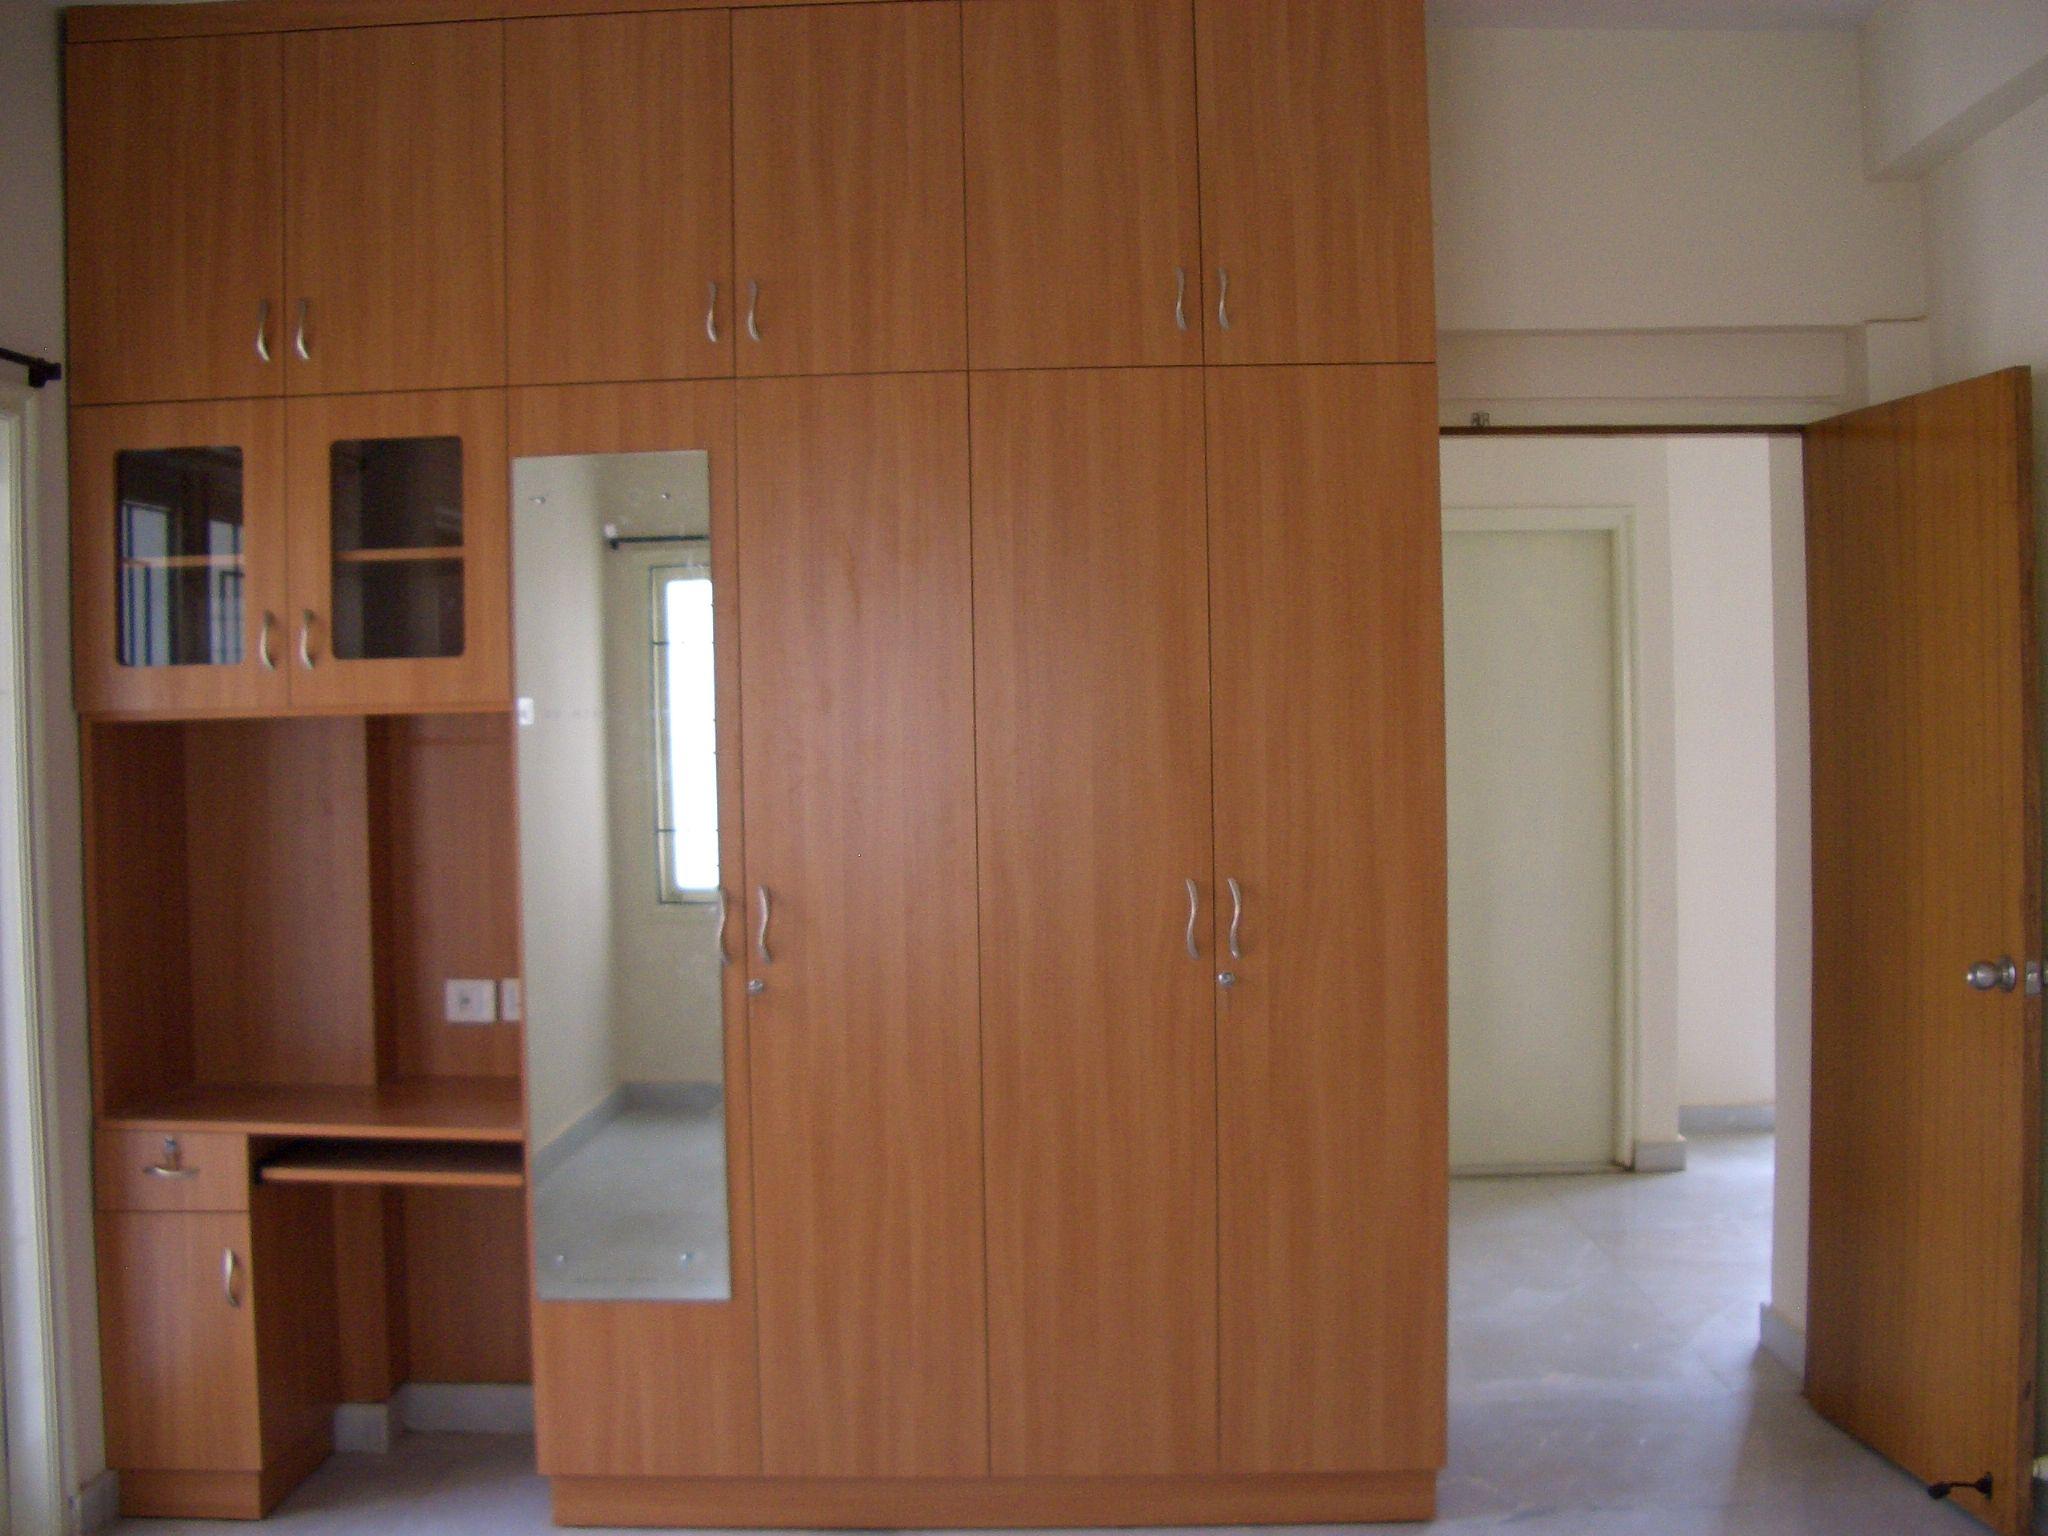 Neben Weißen Schlafzimmer Möbel Frisiertisch Ikea